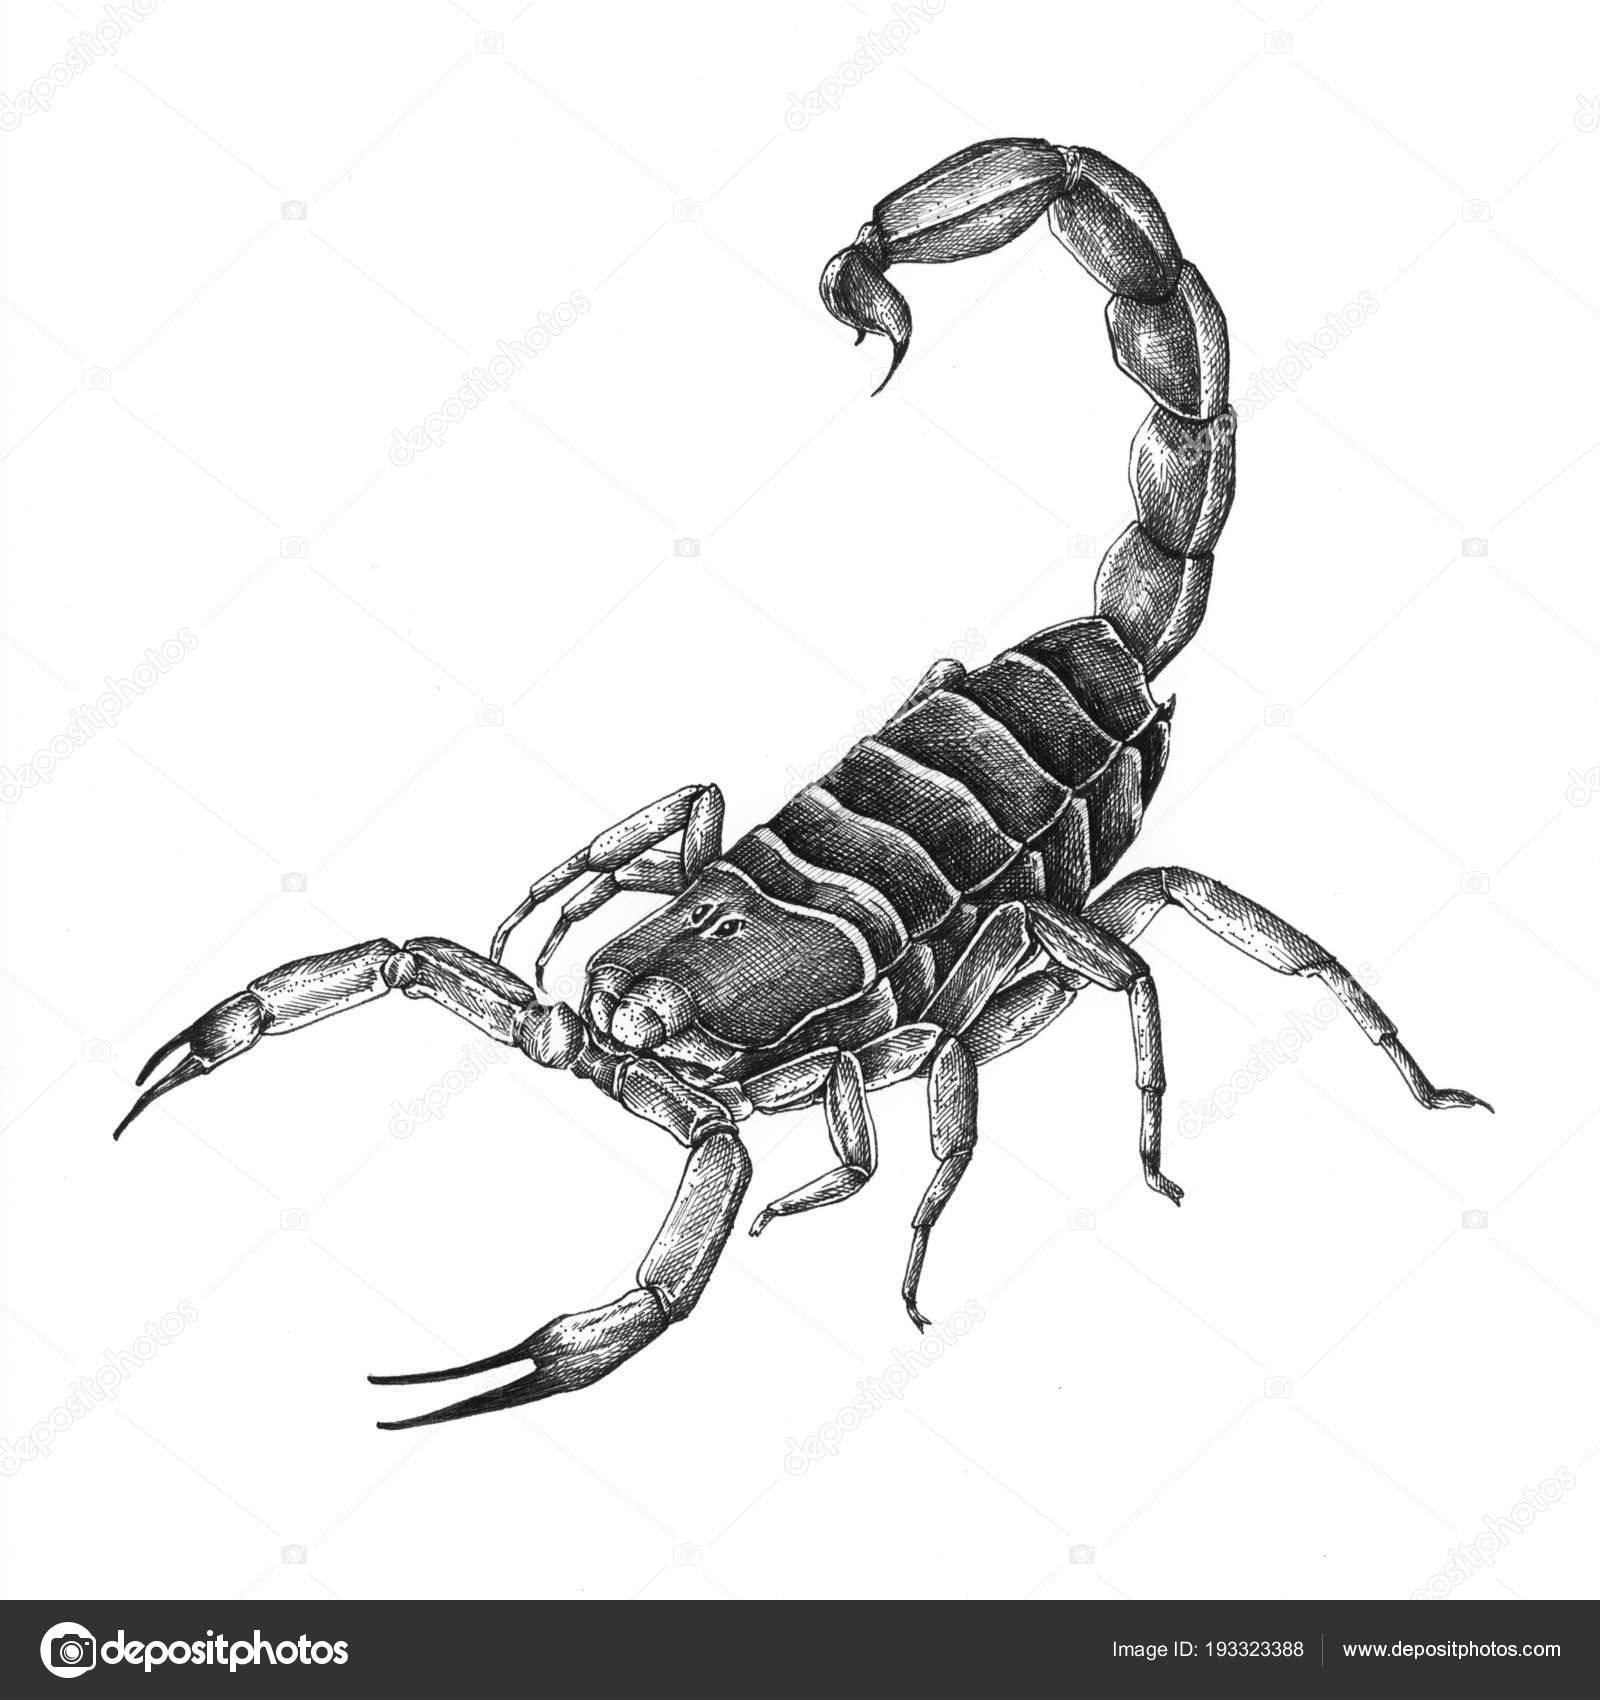 Dibujos Escorpiones A Lapiz Escorpión Dibujado Mano Aislada Sobre